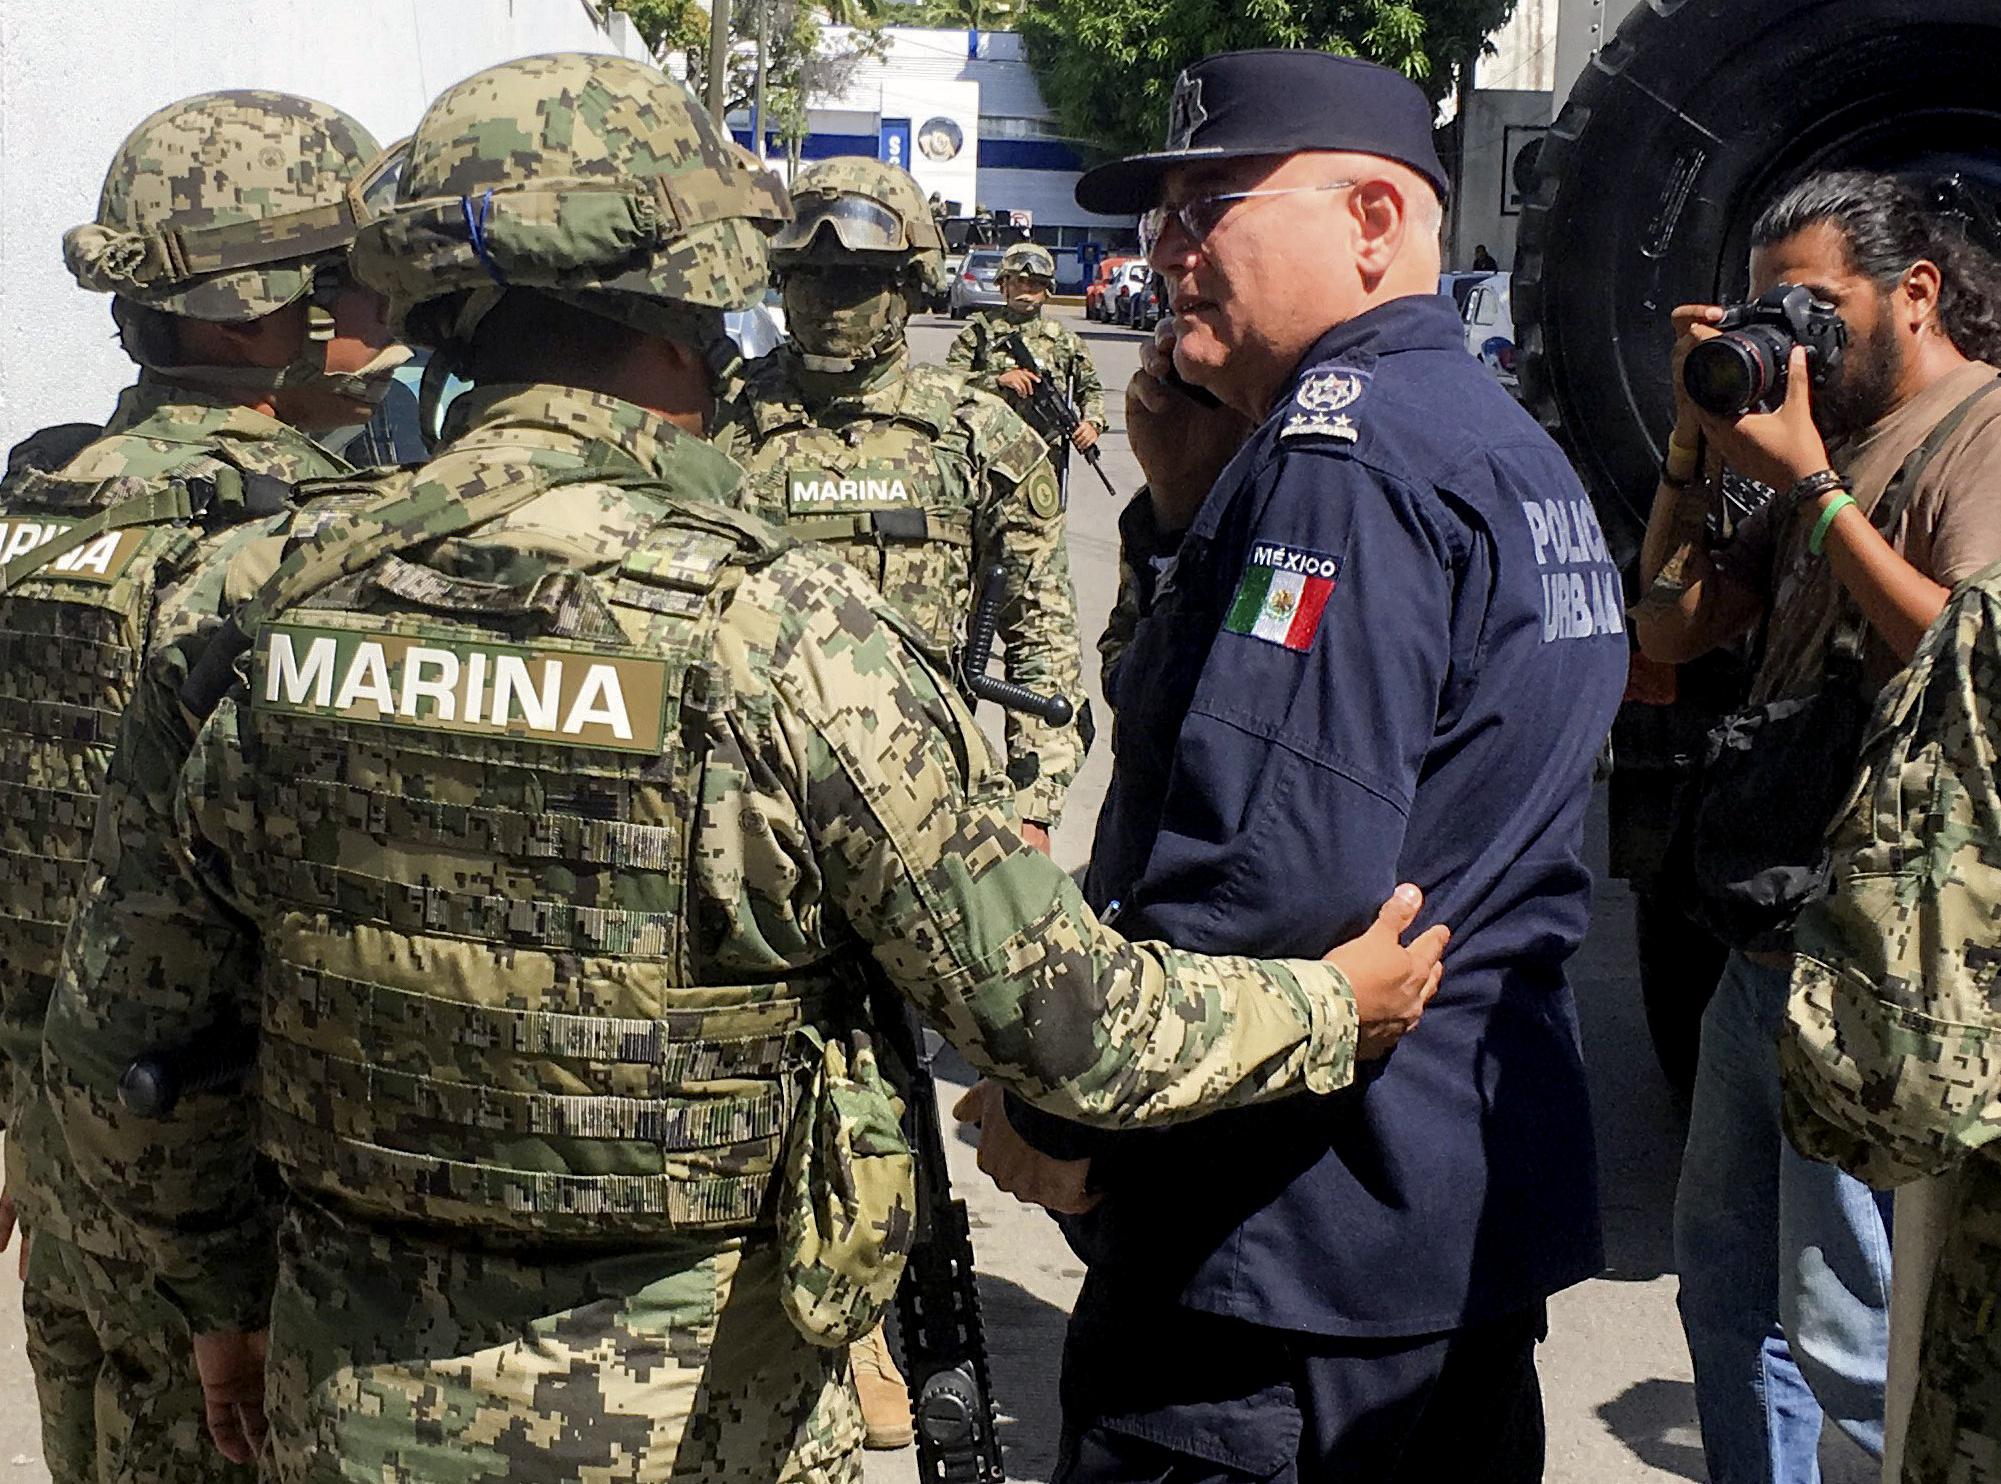 Az egész acapulcói rendőrkapitányságot drogbűnözéssel gyanúsítják